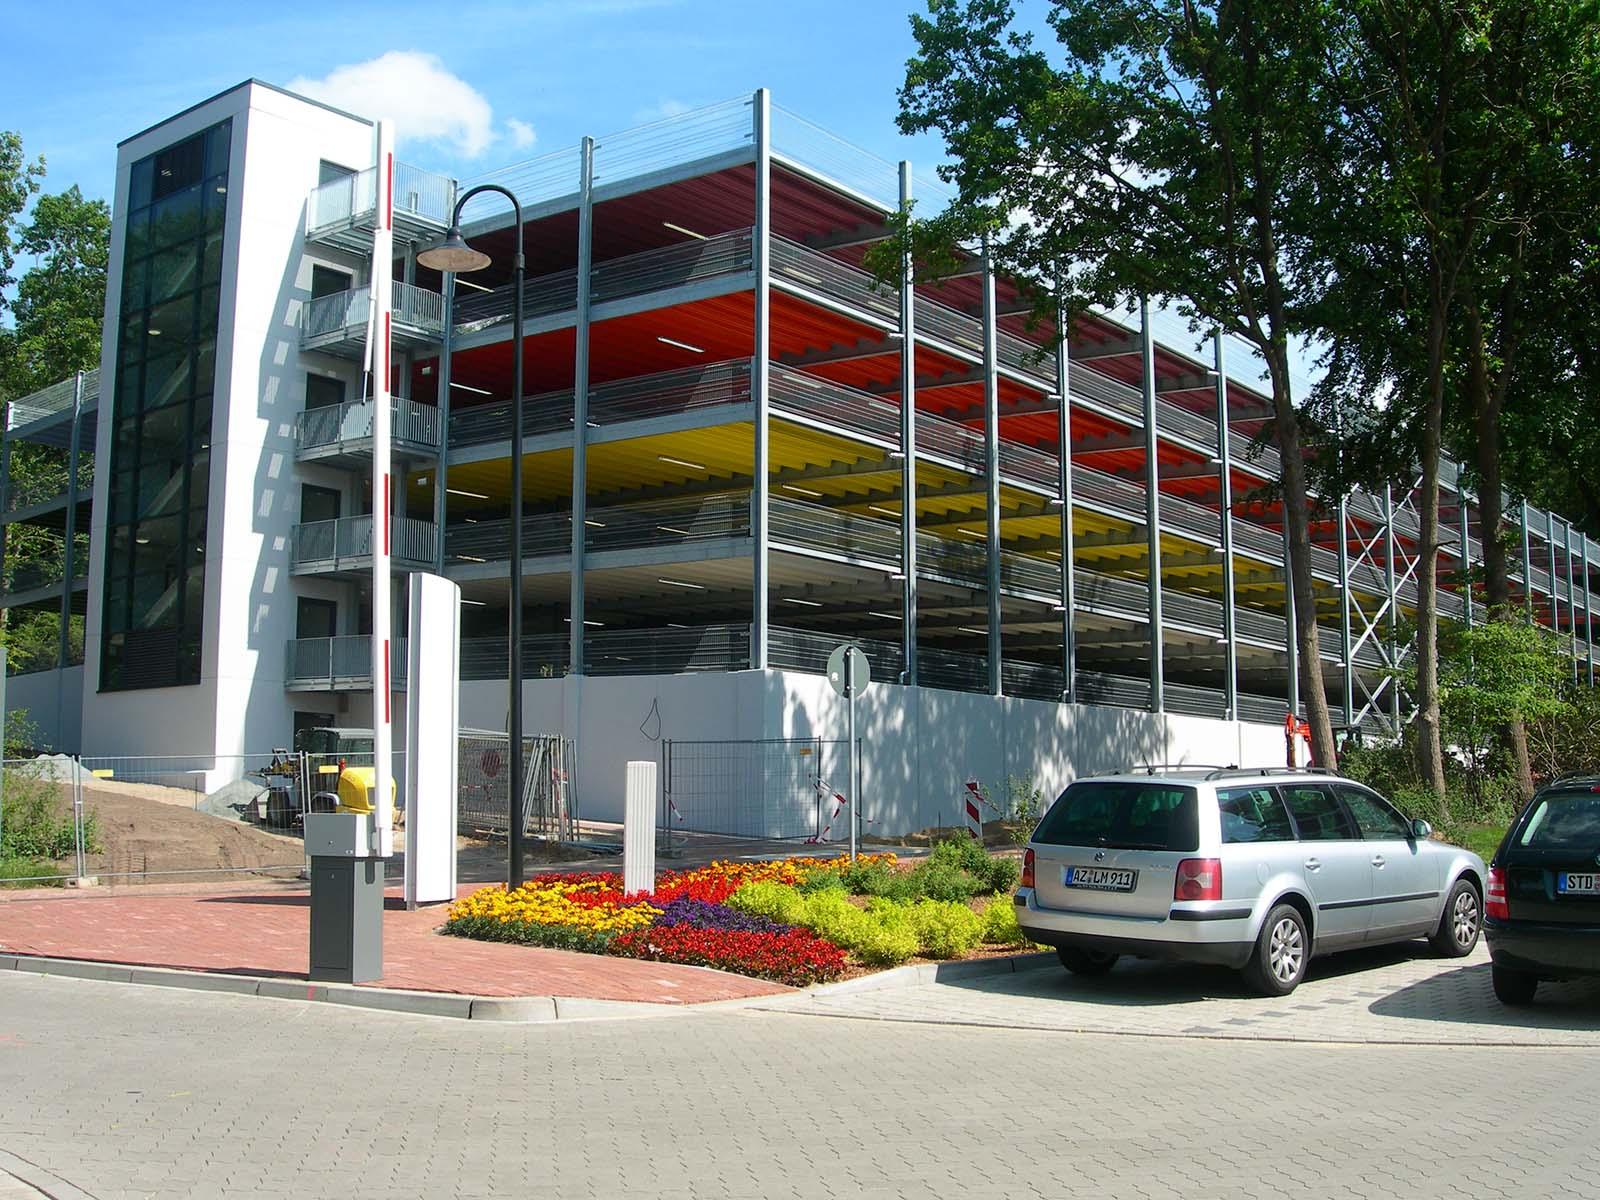 parkhaus-elbe-kinikum-stade